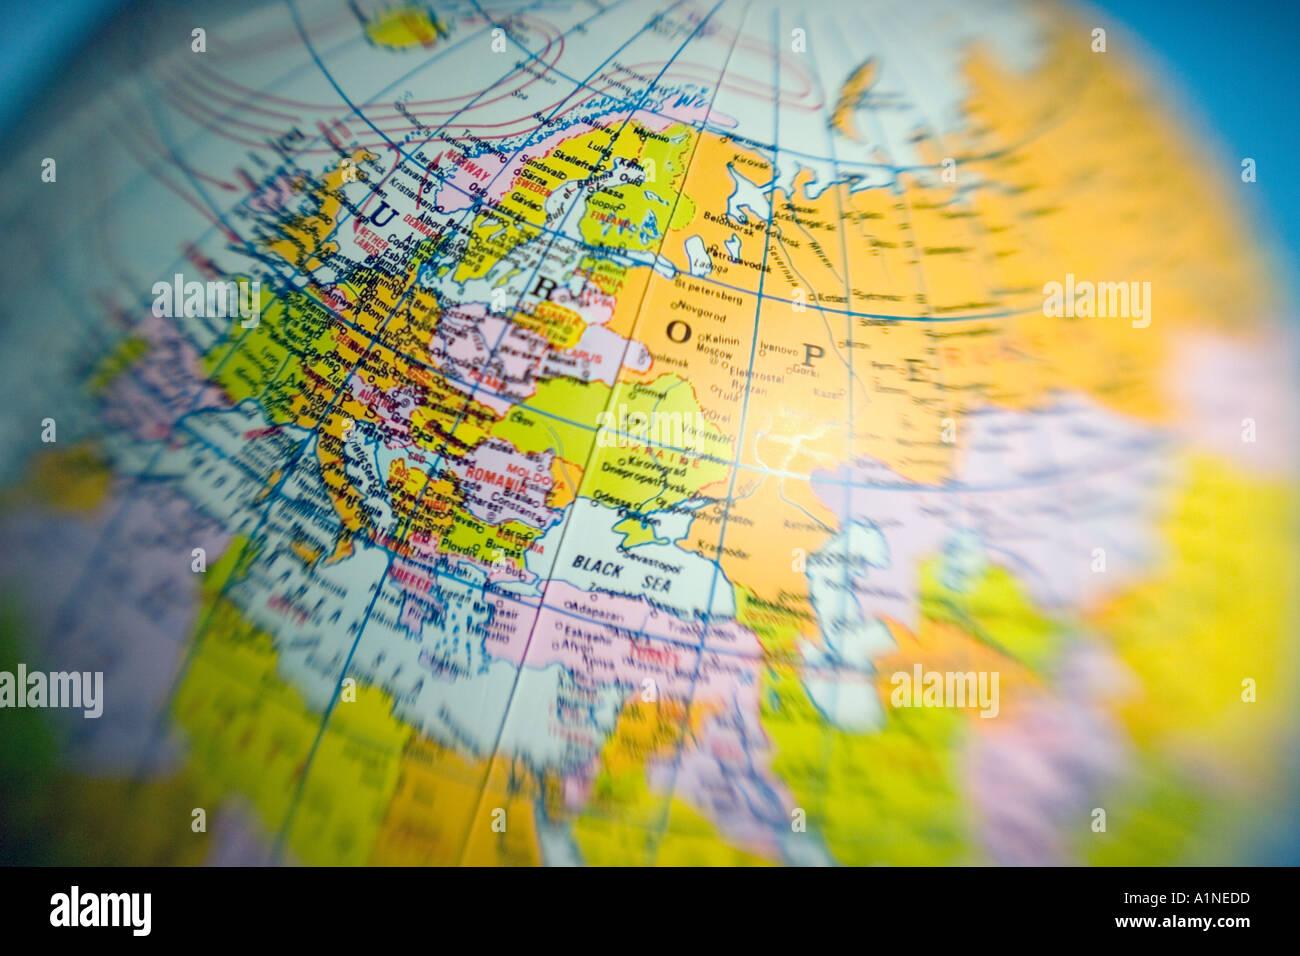 Globe Europe world globe - Stock Image